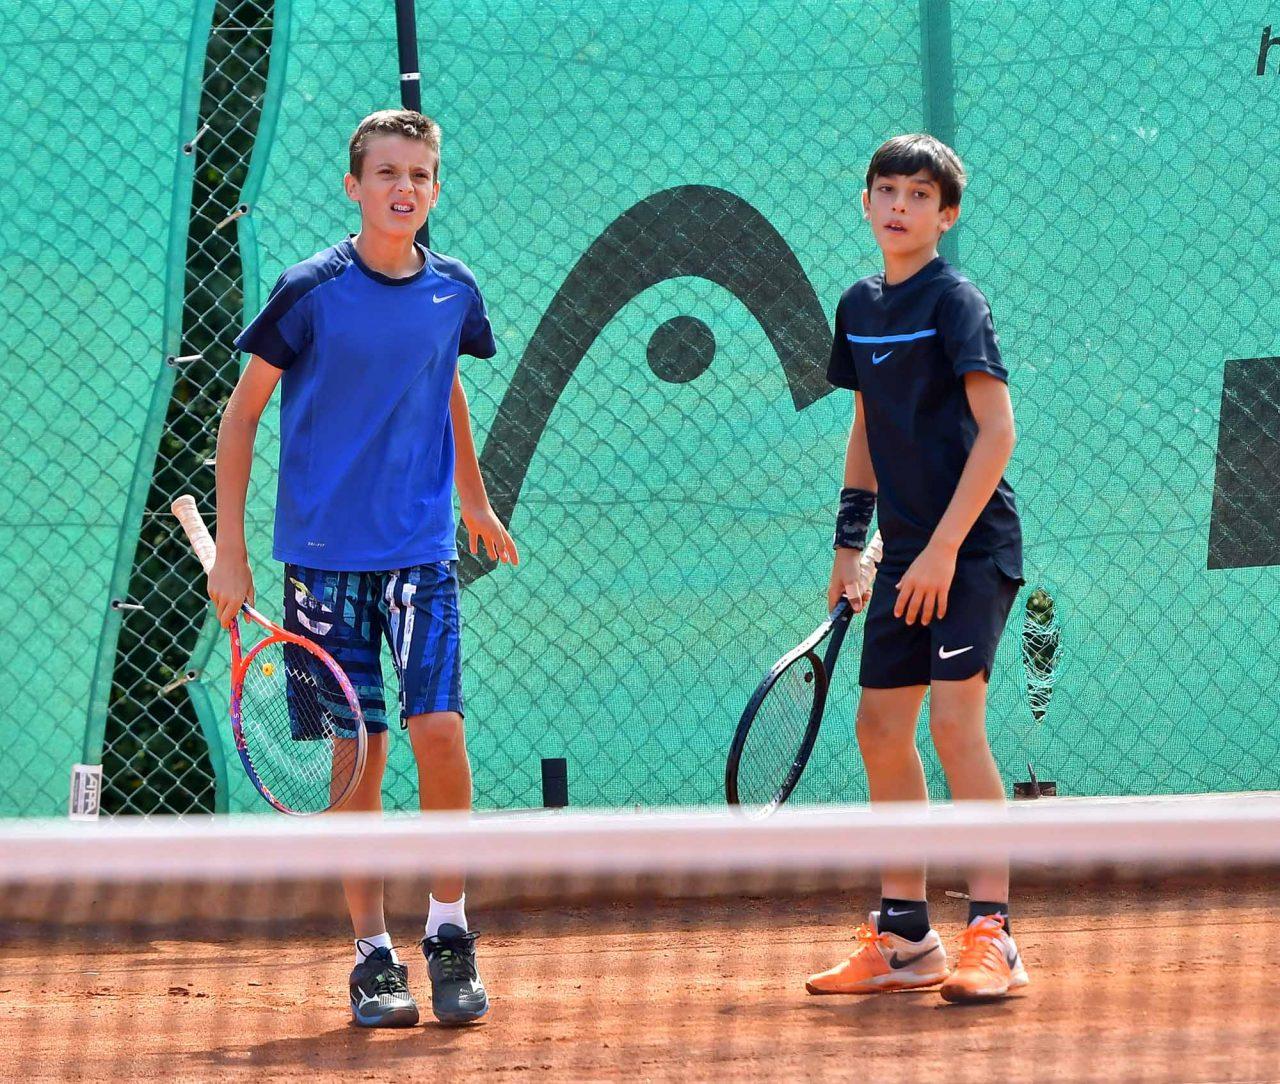 Държавно първенство тенис до 14 год. ТК 15-40 финал двойки (8)